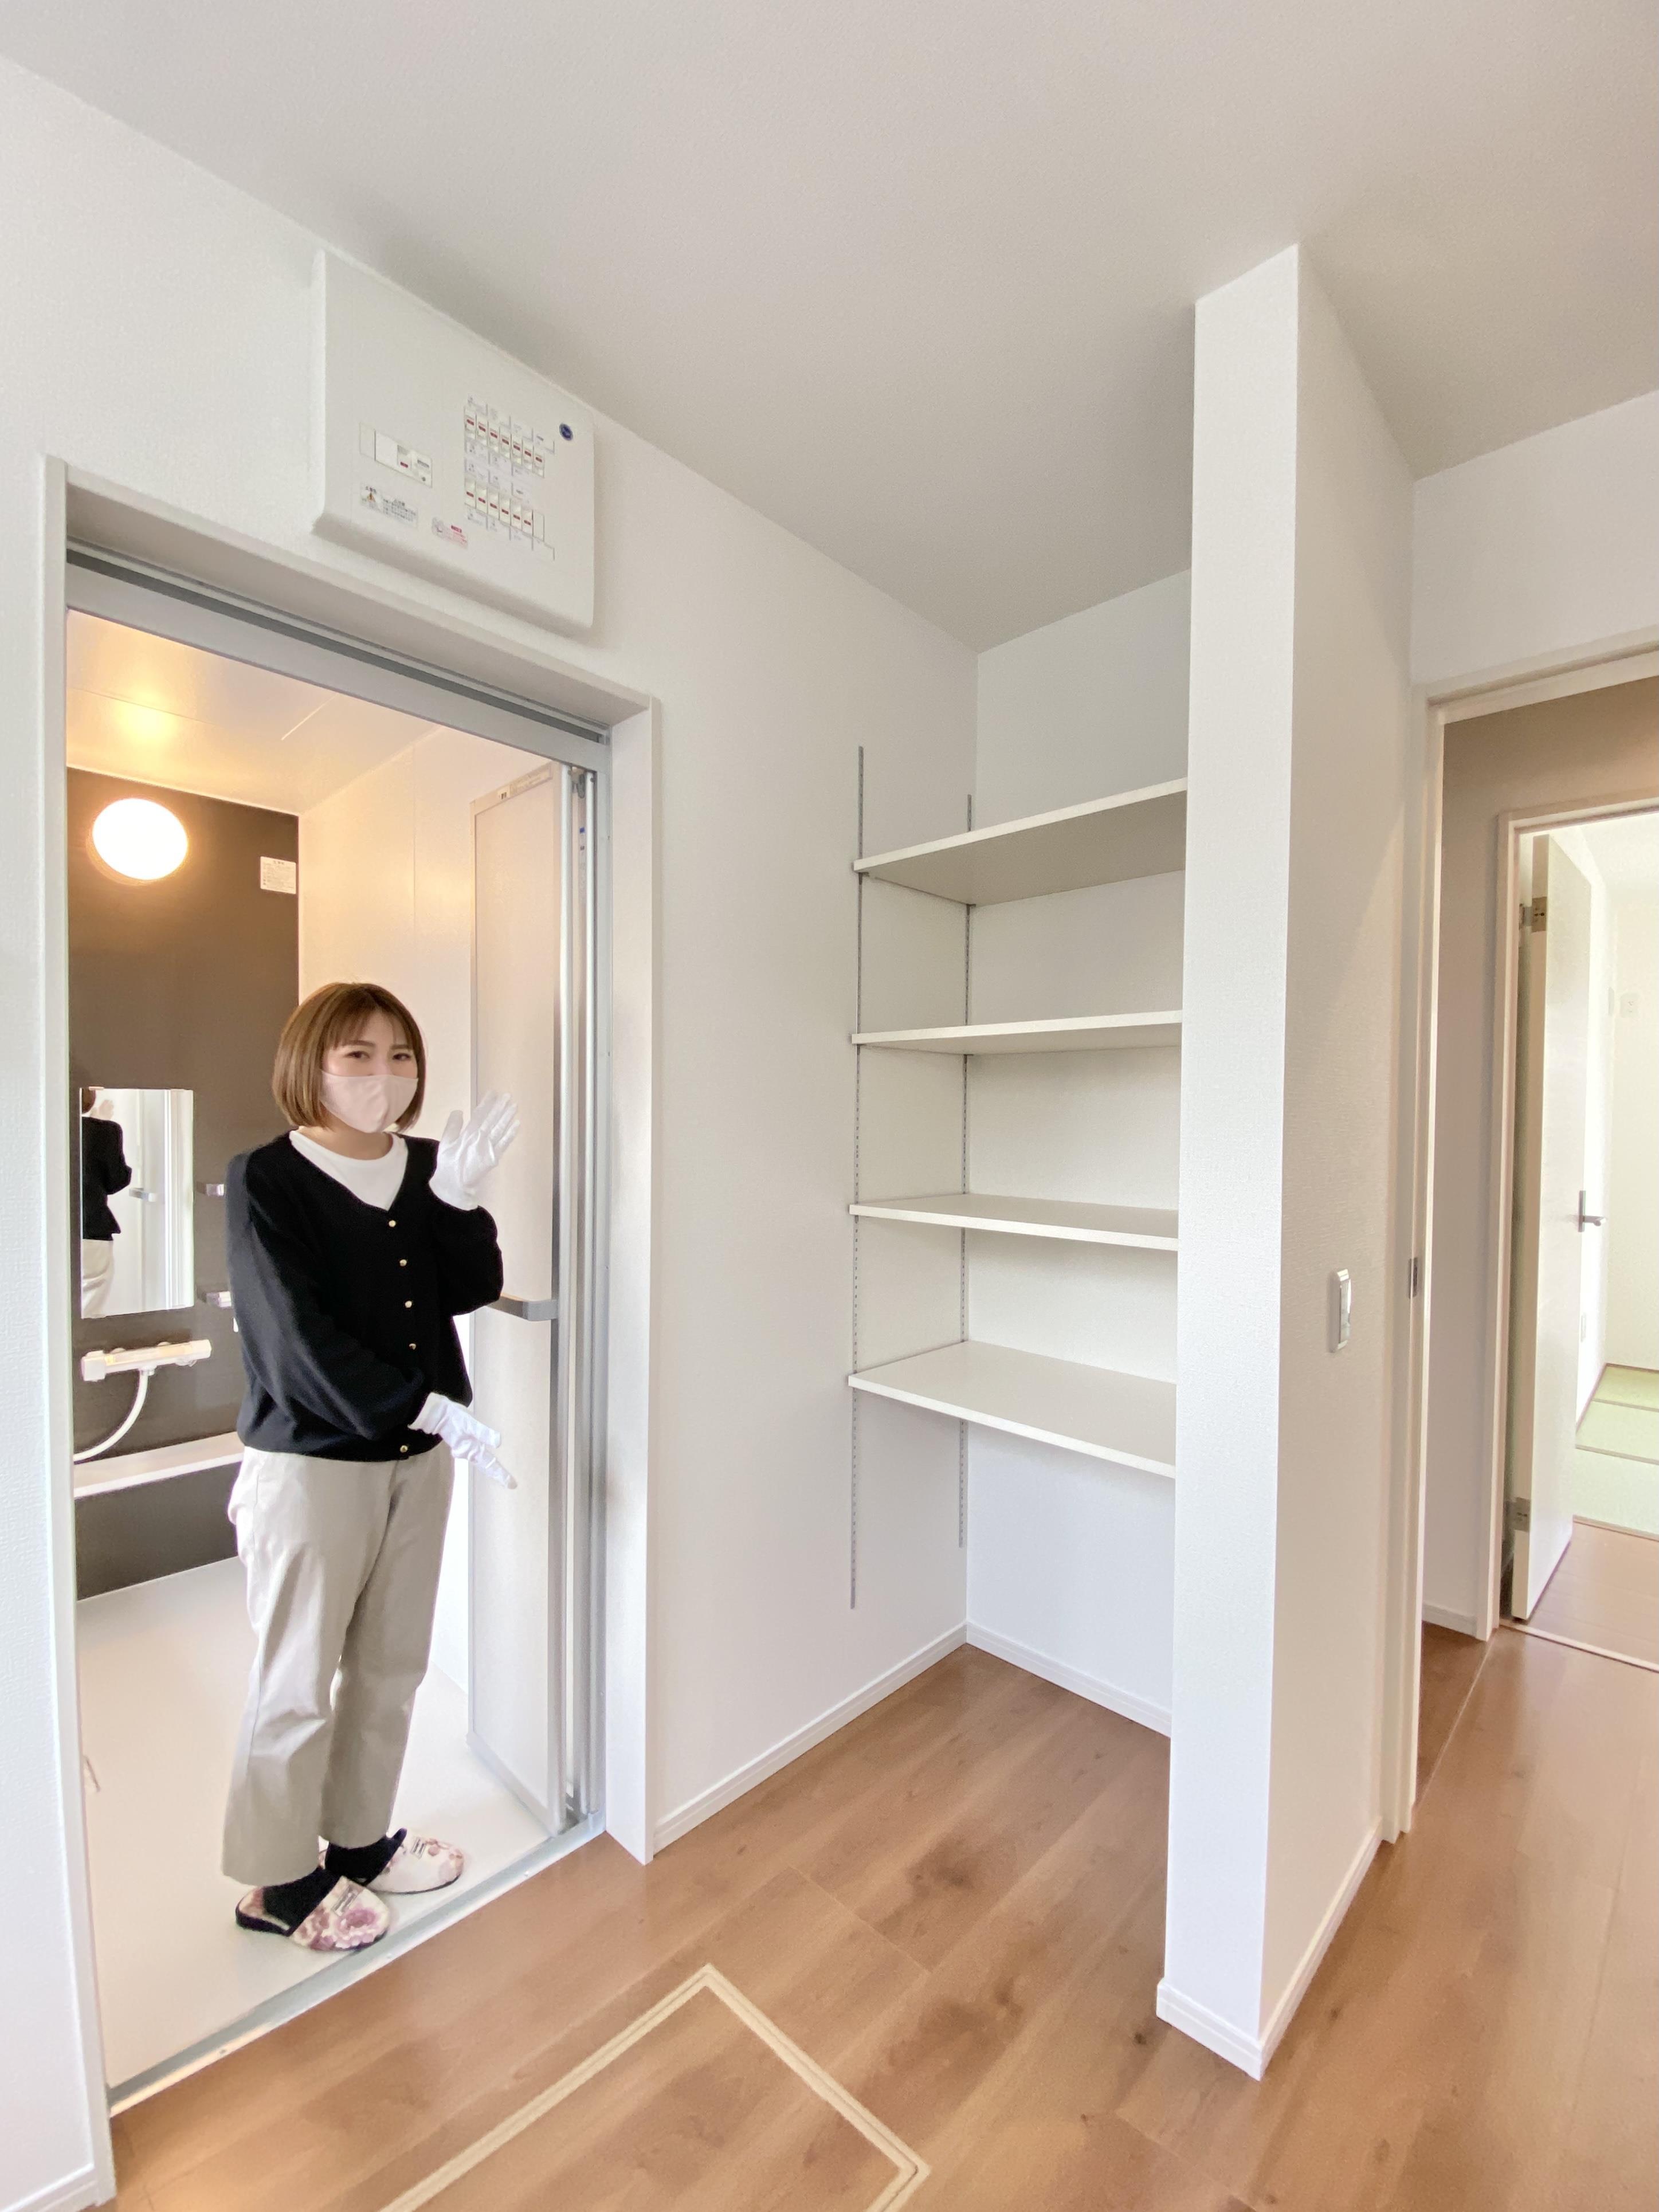 収納*洗面室|タオルや着替えが収納できる、便利な可動棚付きです♪/(2021年3月撮影)